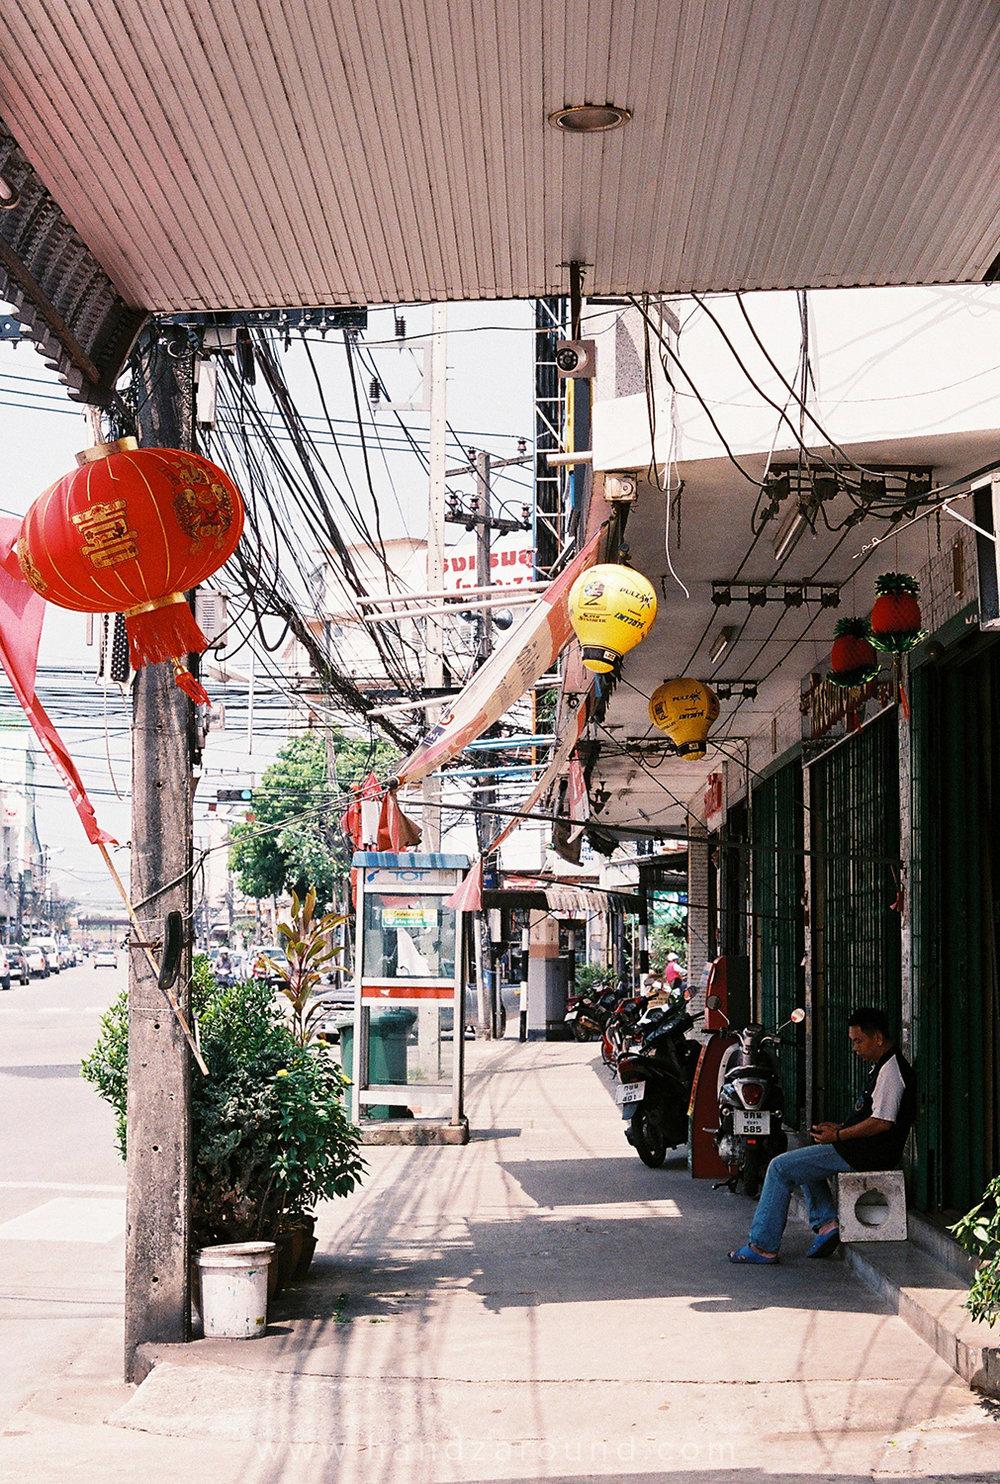 008_Chumphon_Thailand_Photo_Story_HandZaround.jpg